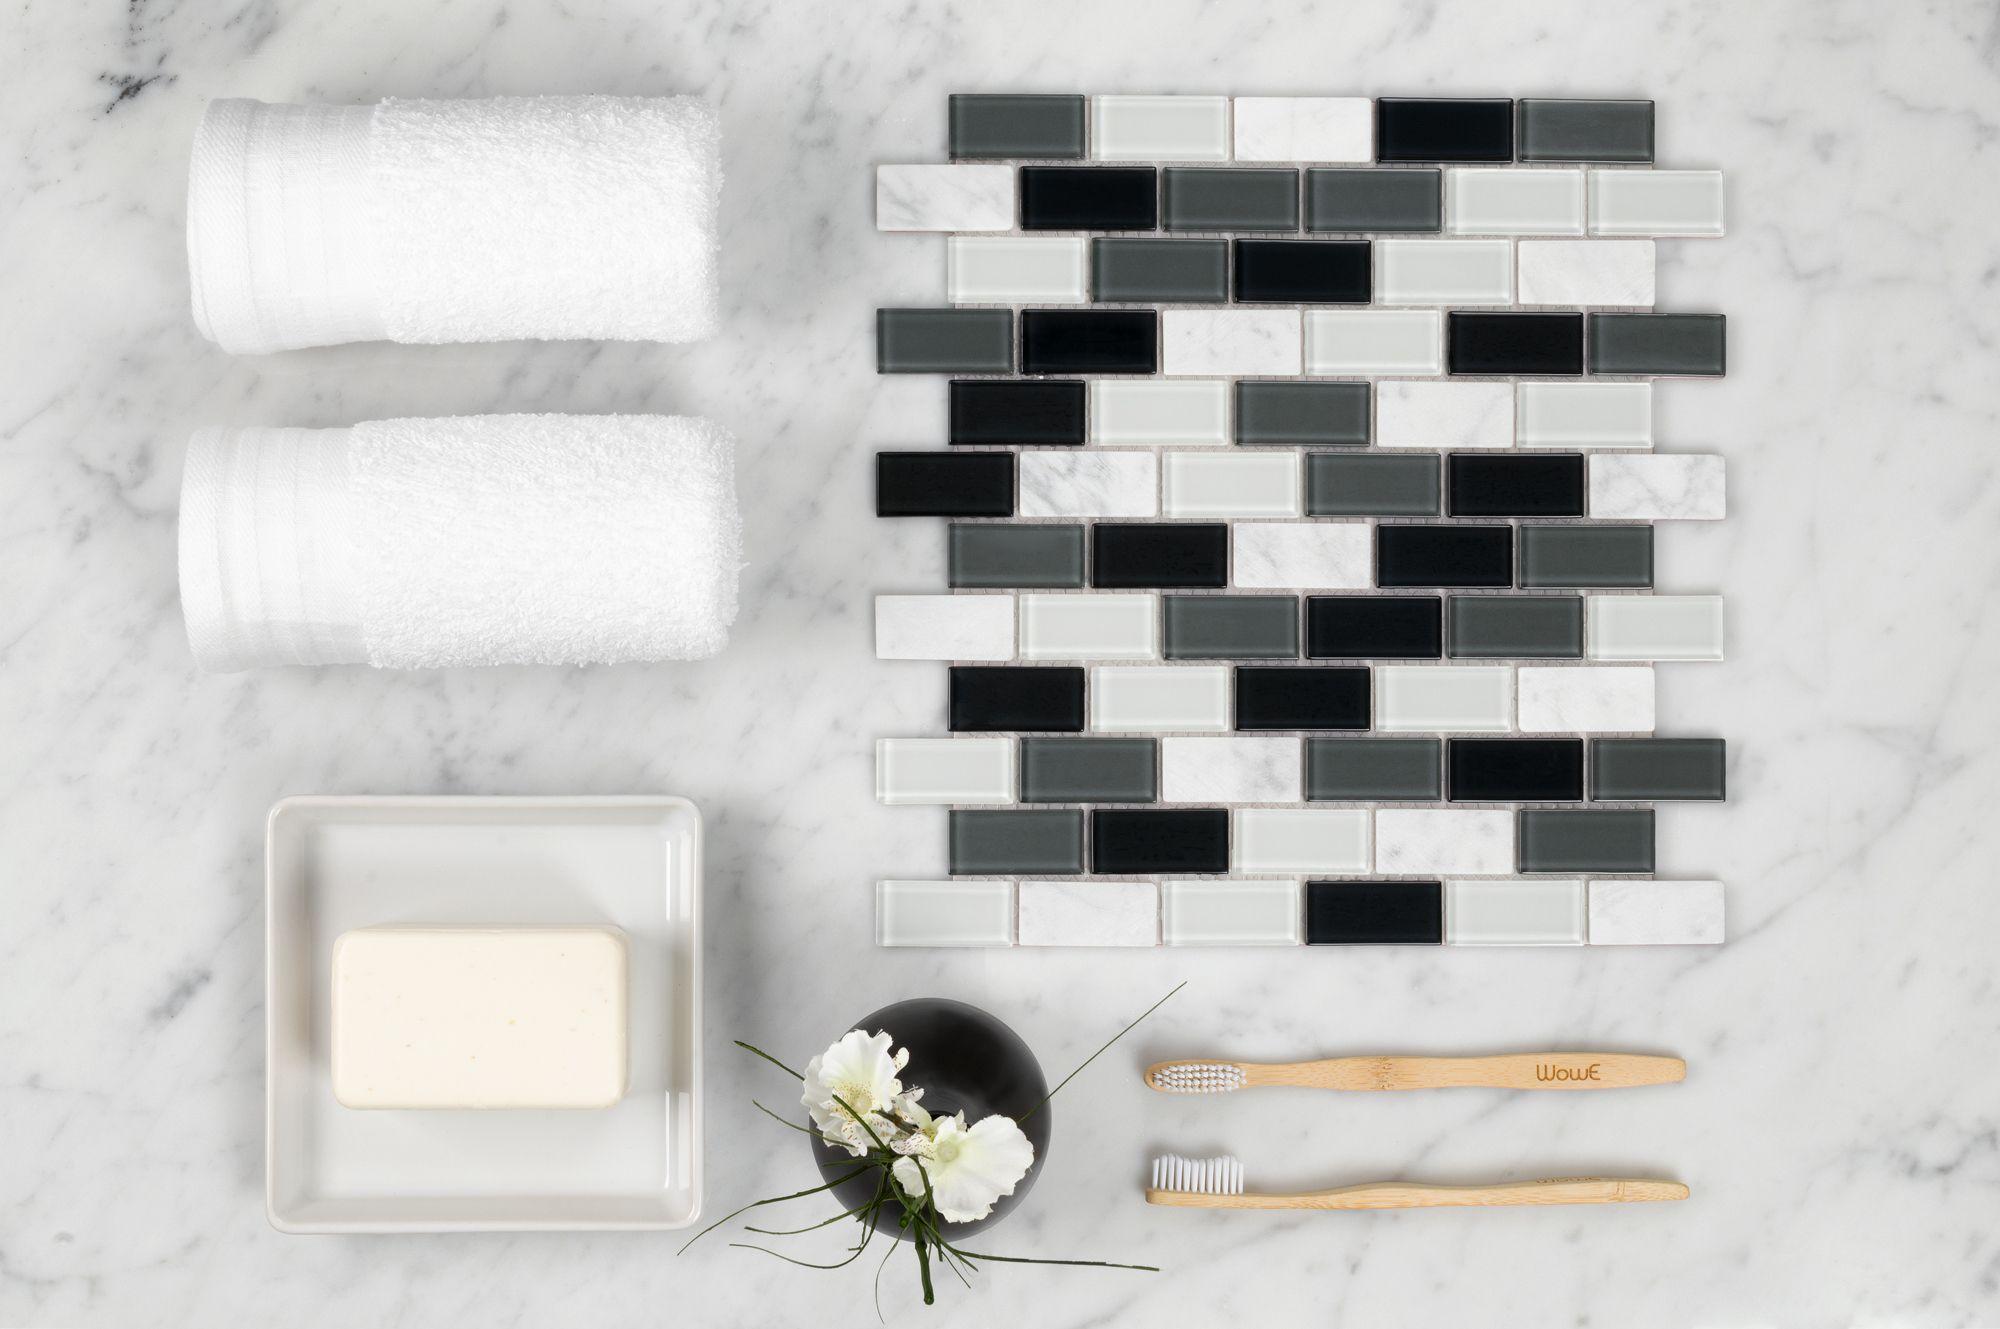 - DIY Tile Backsplash Kit 15Ft Statuary (With Images) Diy Tile